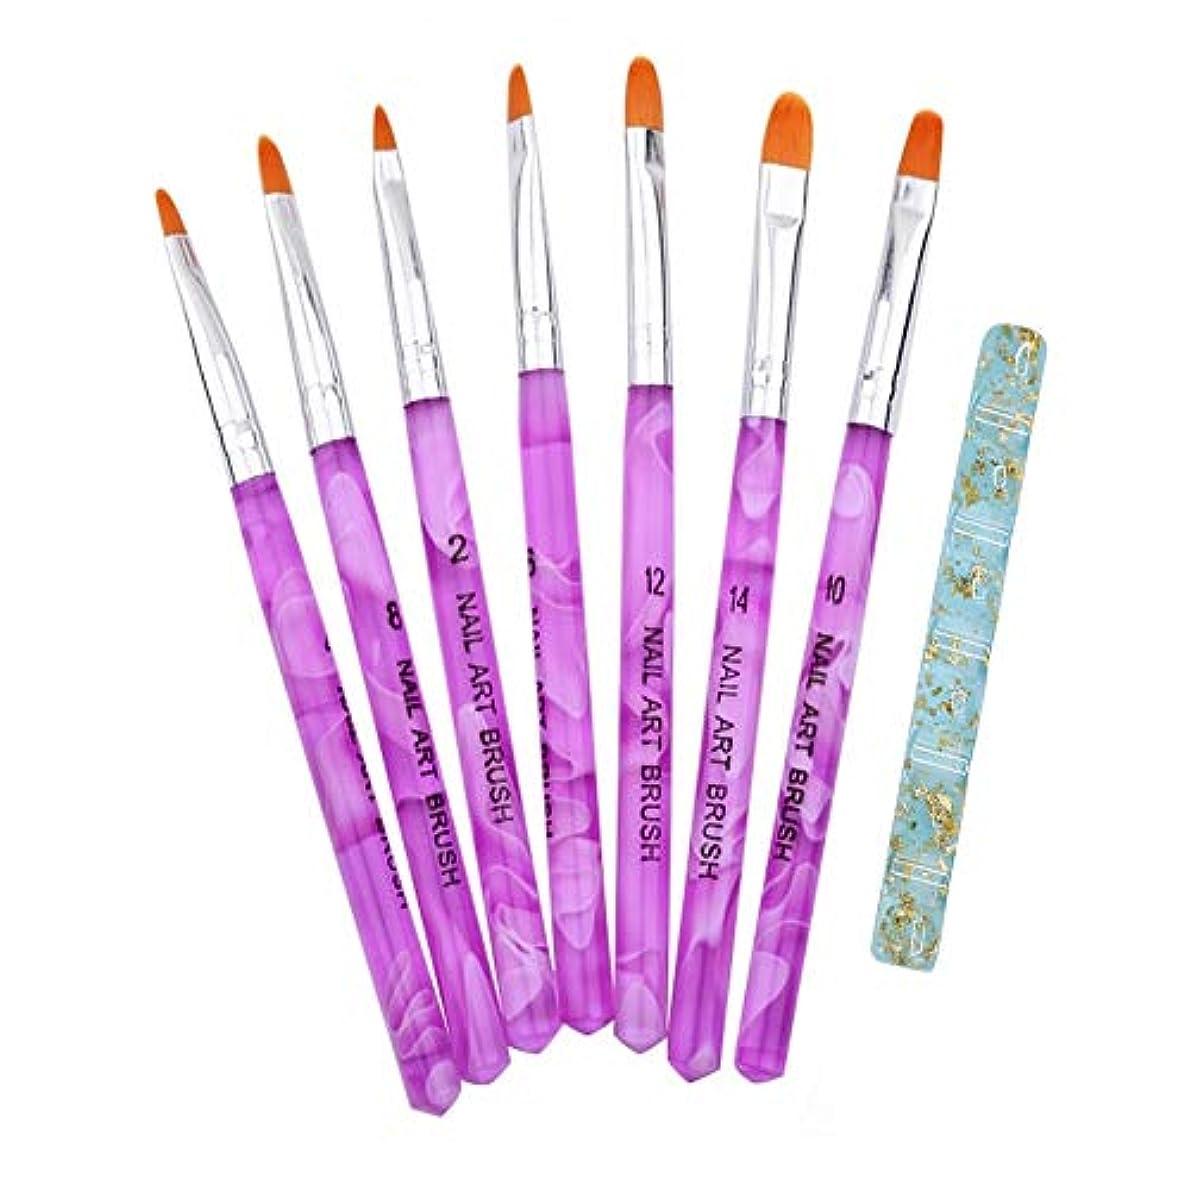 知性有力者そしてジェル ネイル ブラシ UV 用 平筆 ブラシ 7本 セット 爪 アート プロ仕様 (7本セット)